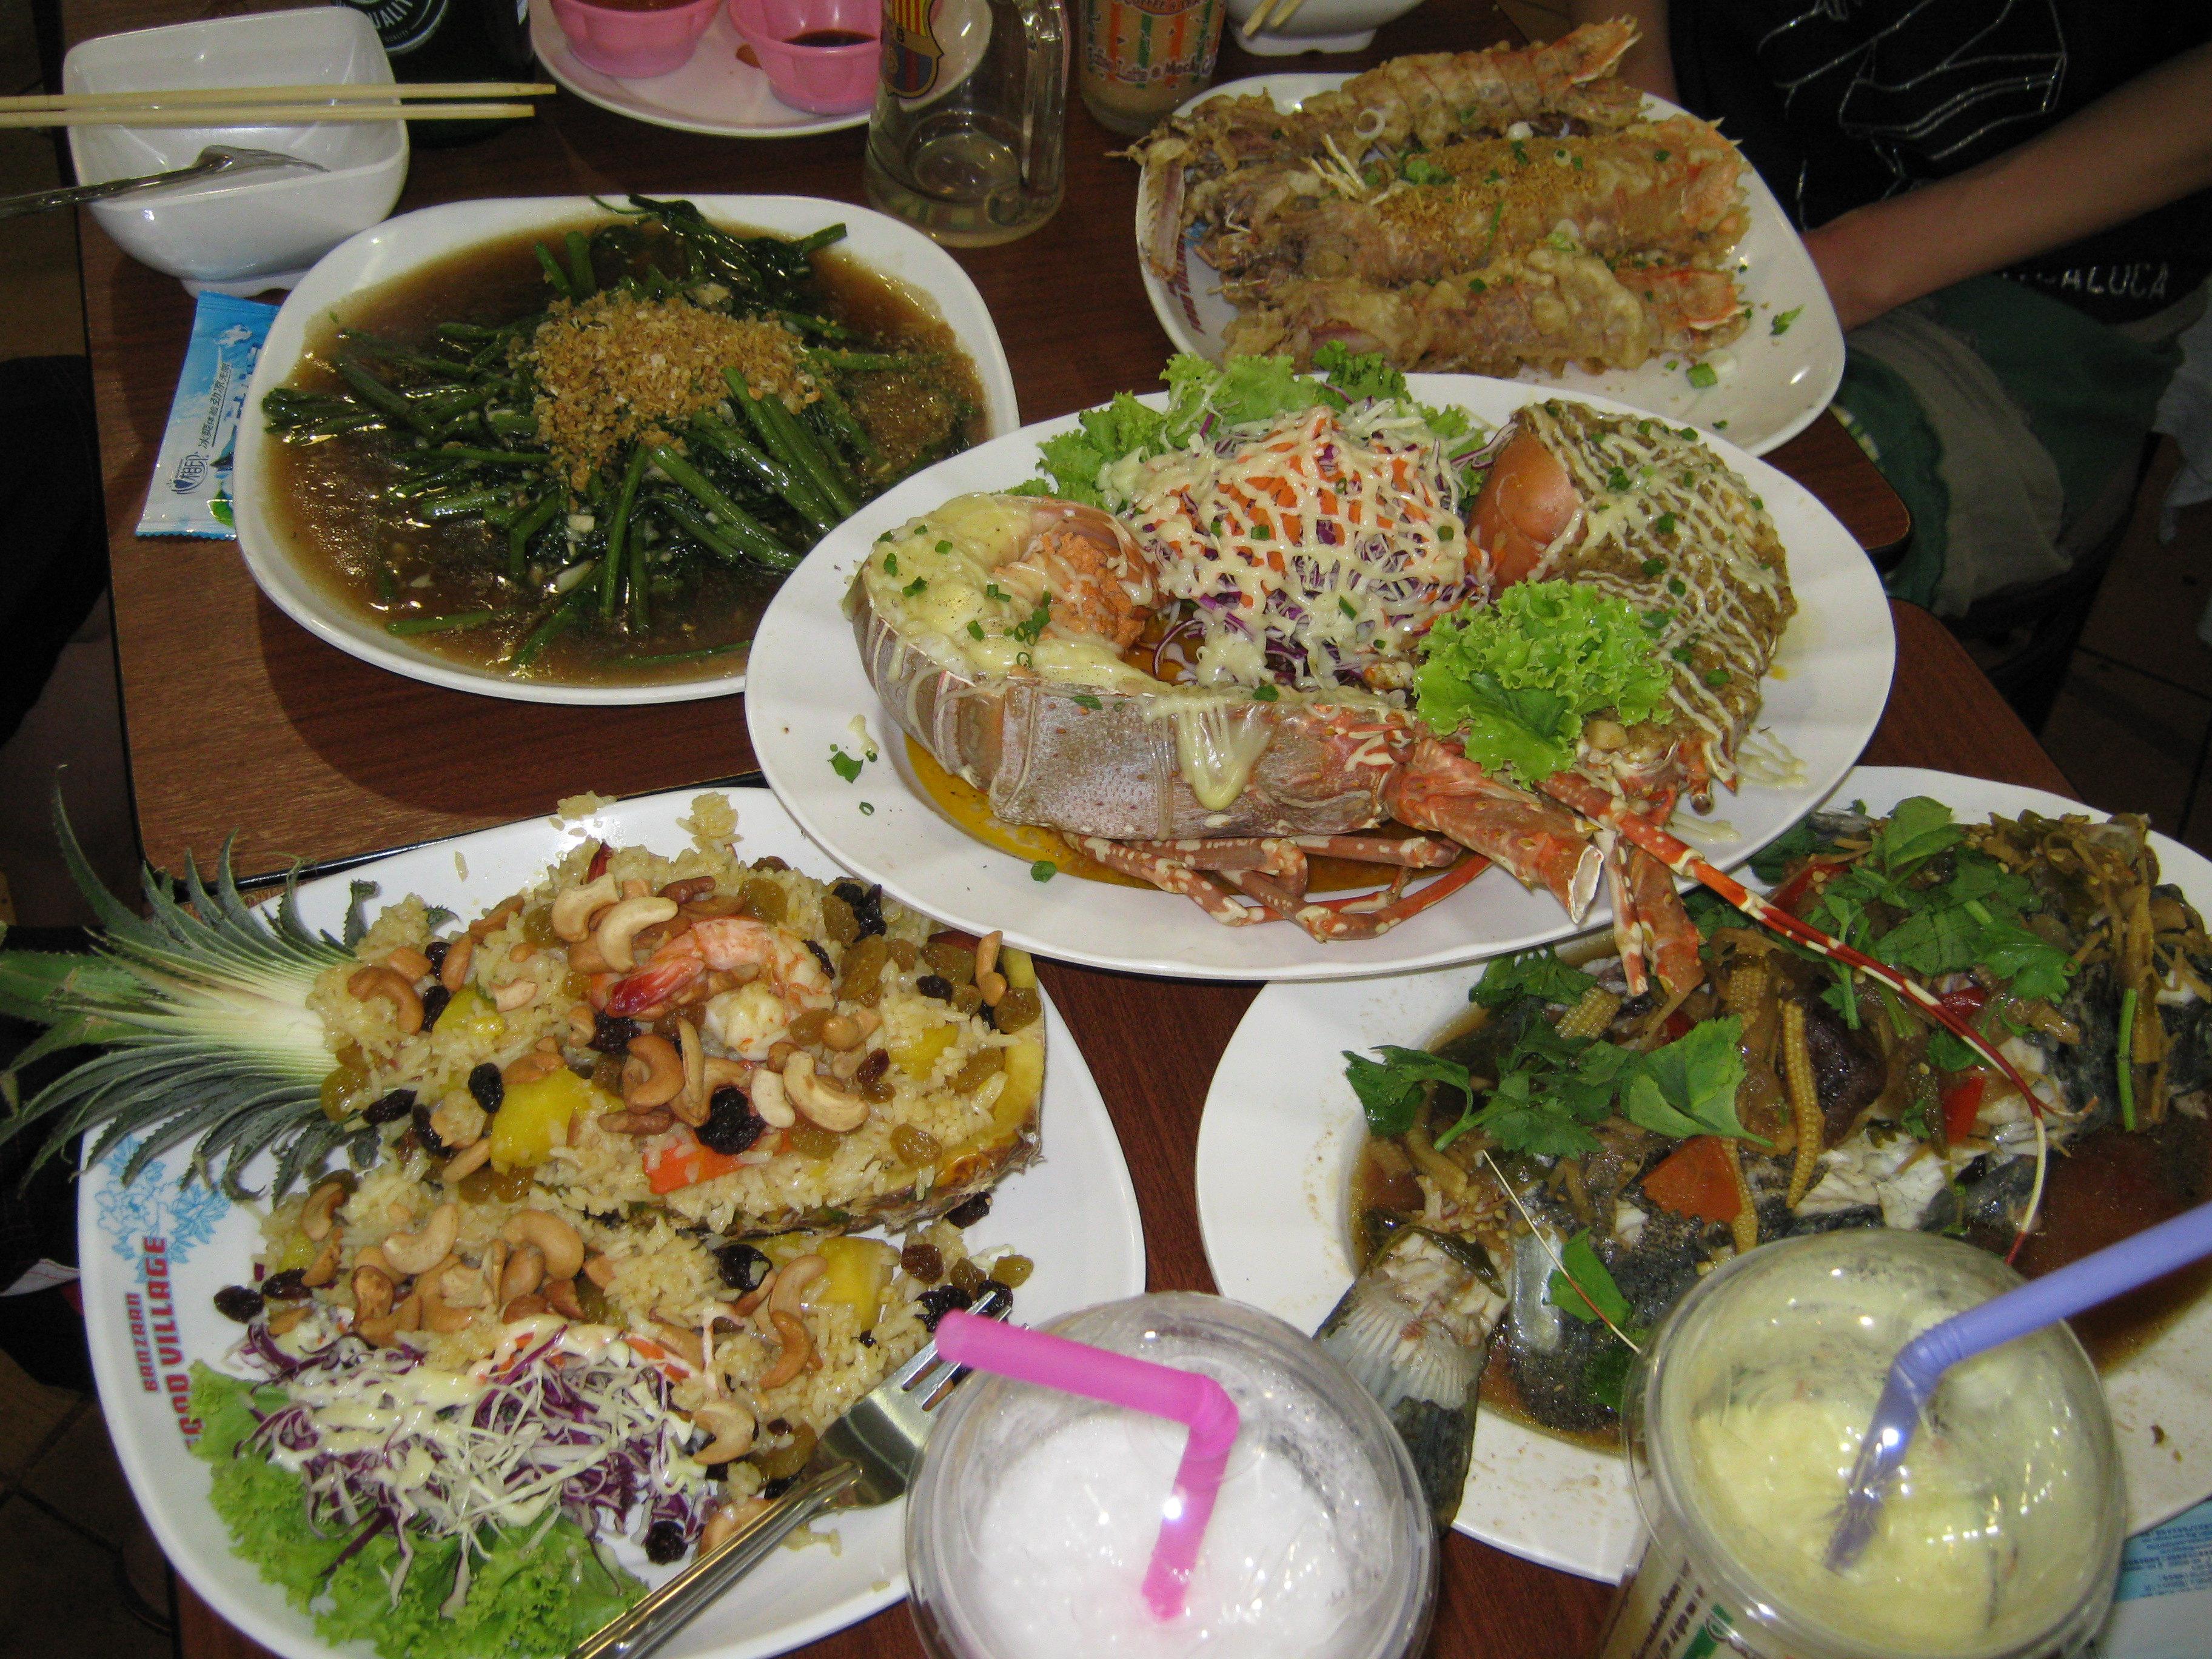 兩樓一共有三家Your Kitchen,我去的是F2-15,最旁邊的一間,一共去了三次,老板是個會講中文的胖妹。一般四個海鮮的加工費、一個菠蘿飯、一個蔬菜,加工費一共1000銖左右,加上購買的海鮮和酒水飲料後,一般3000銖左右一頓飯,白米飯免費。龍蝦、椒鹽皮皮蝦、咖喱蟹、清蒸老虎斑、辣炒貝殼類、泰式空心菜做的都很好吃。菠蘿飯不僅真材實料,而且多的連裝菠蘿的盤子里都是飯,兩個大人吃保証吃飽。我們3個老人、2個中年人和一個5歲的小孩,每次點一份菠蘿飯加一碗白米飯就足夠有余。誠意推薦,但是在乎用餐環境的,班贊